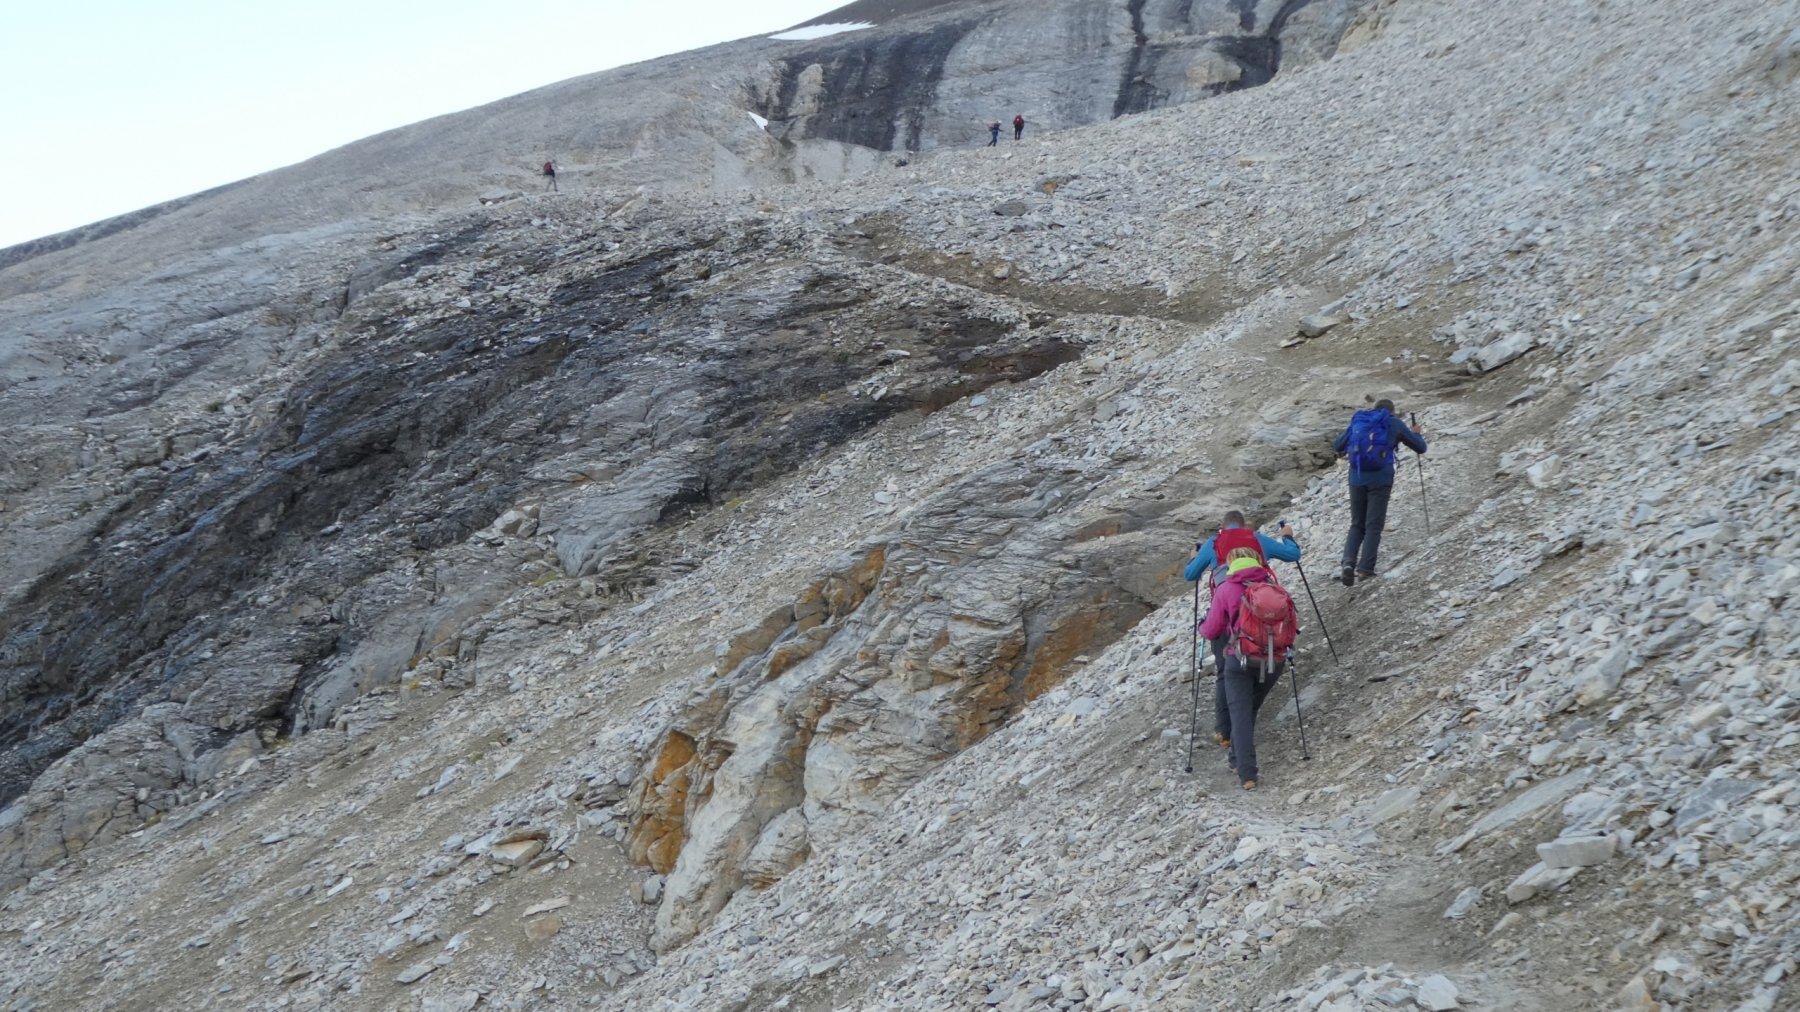 salendo le ripide chine detritiche del versante Ovest dei Barrhorn